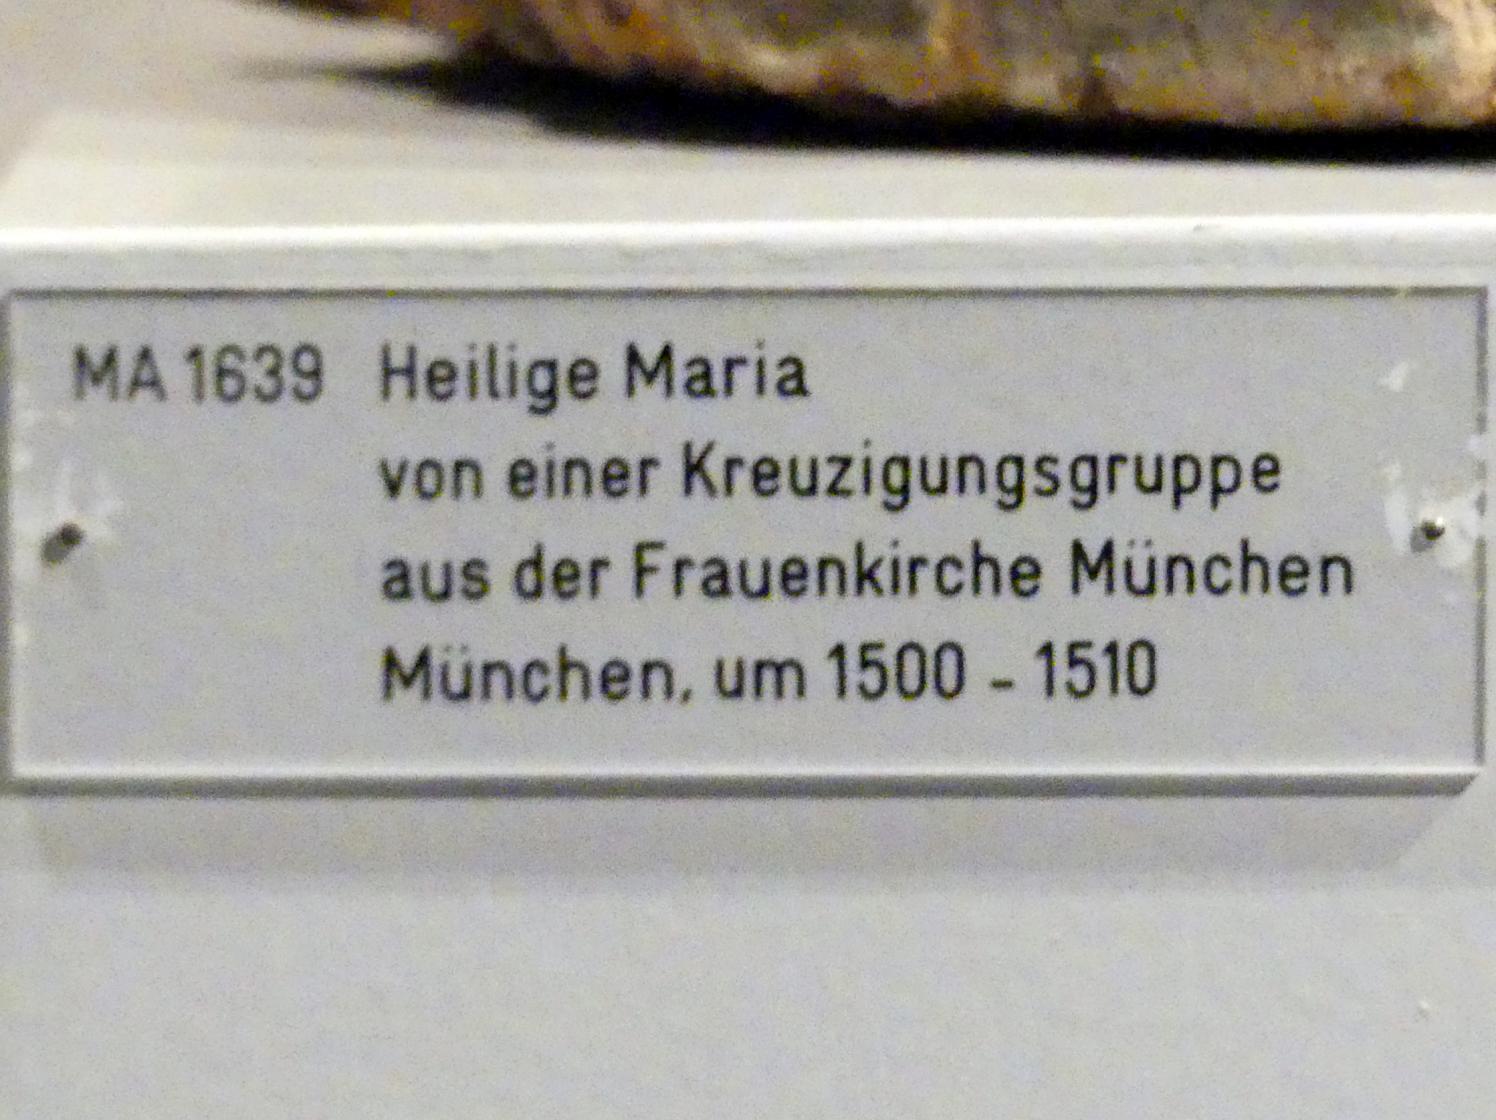 Heilige Maria von einer Kreuzigungsgruppe, um 1500 - 1510, Bild 3/3